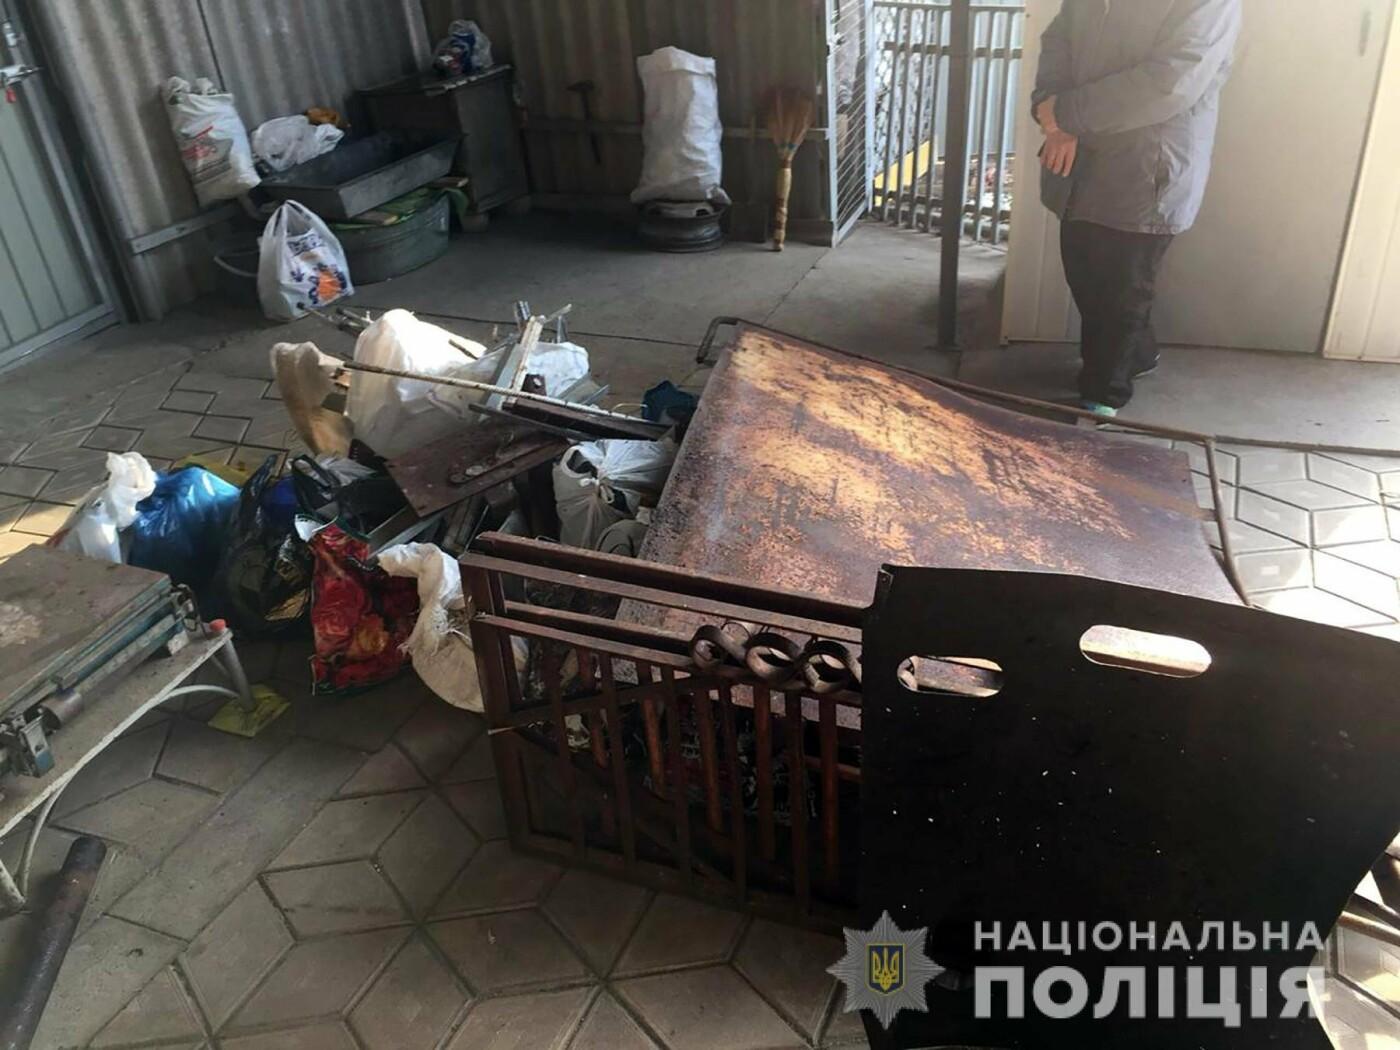 В Мелитополе пенсионерка организовала нелегальный пункт приема металлолома, - ФОТО, фото-1